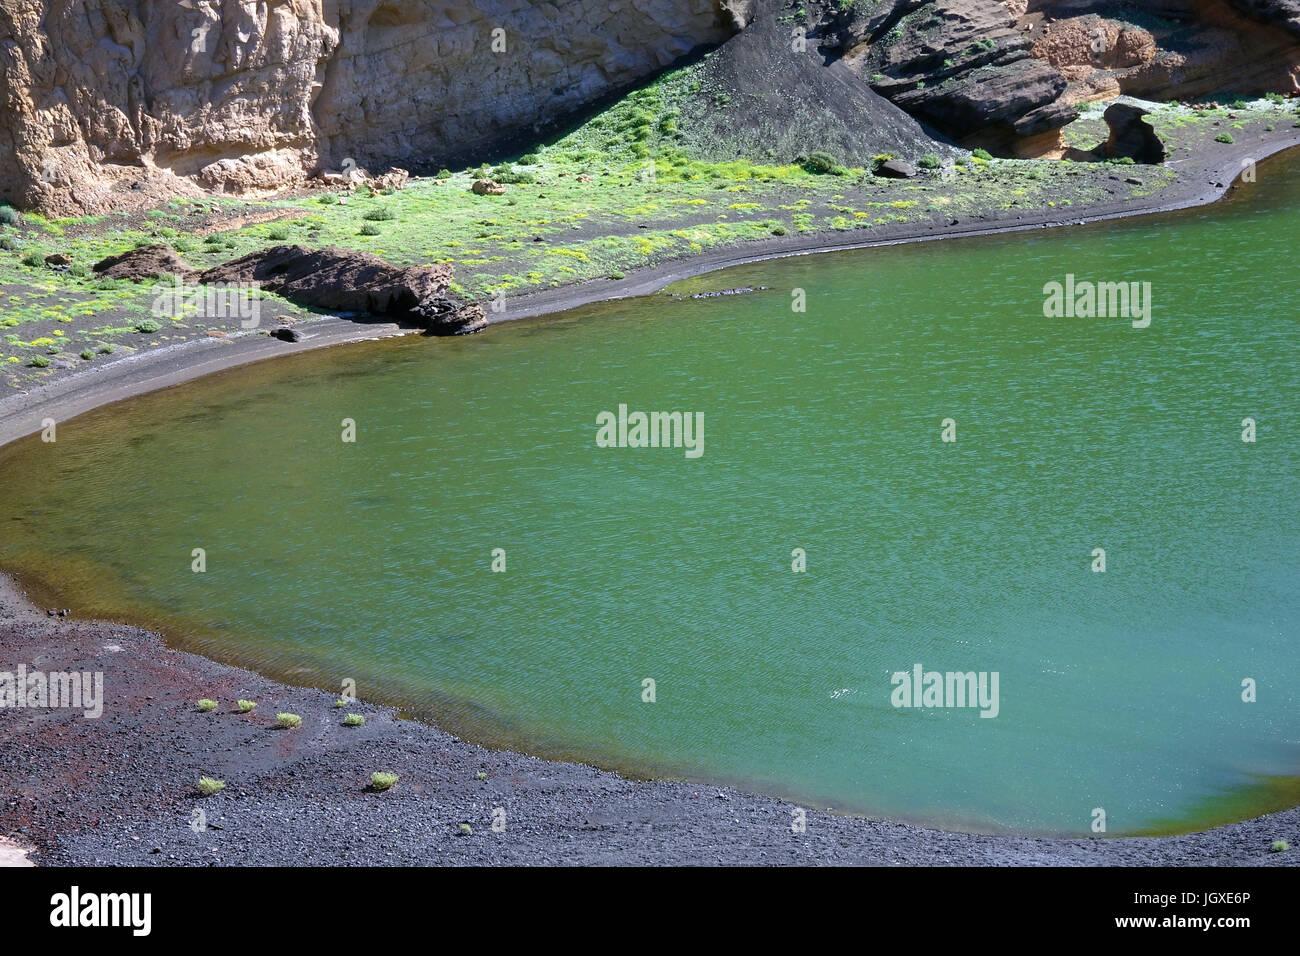 Teilansicht von Charco de los Clicos, gruener Lagunensee bei El Golfo, Lanzarote, Kanarische Inseln, Europa | Charco - Stock Image